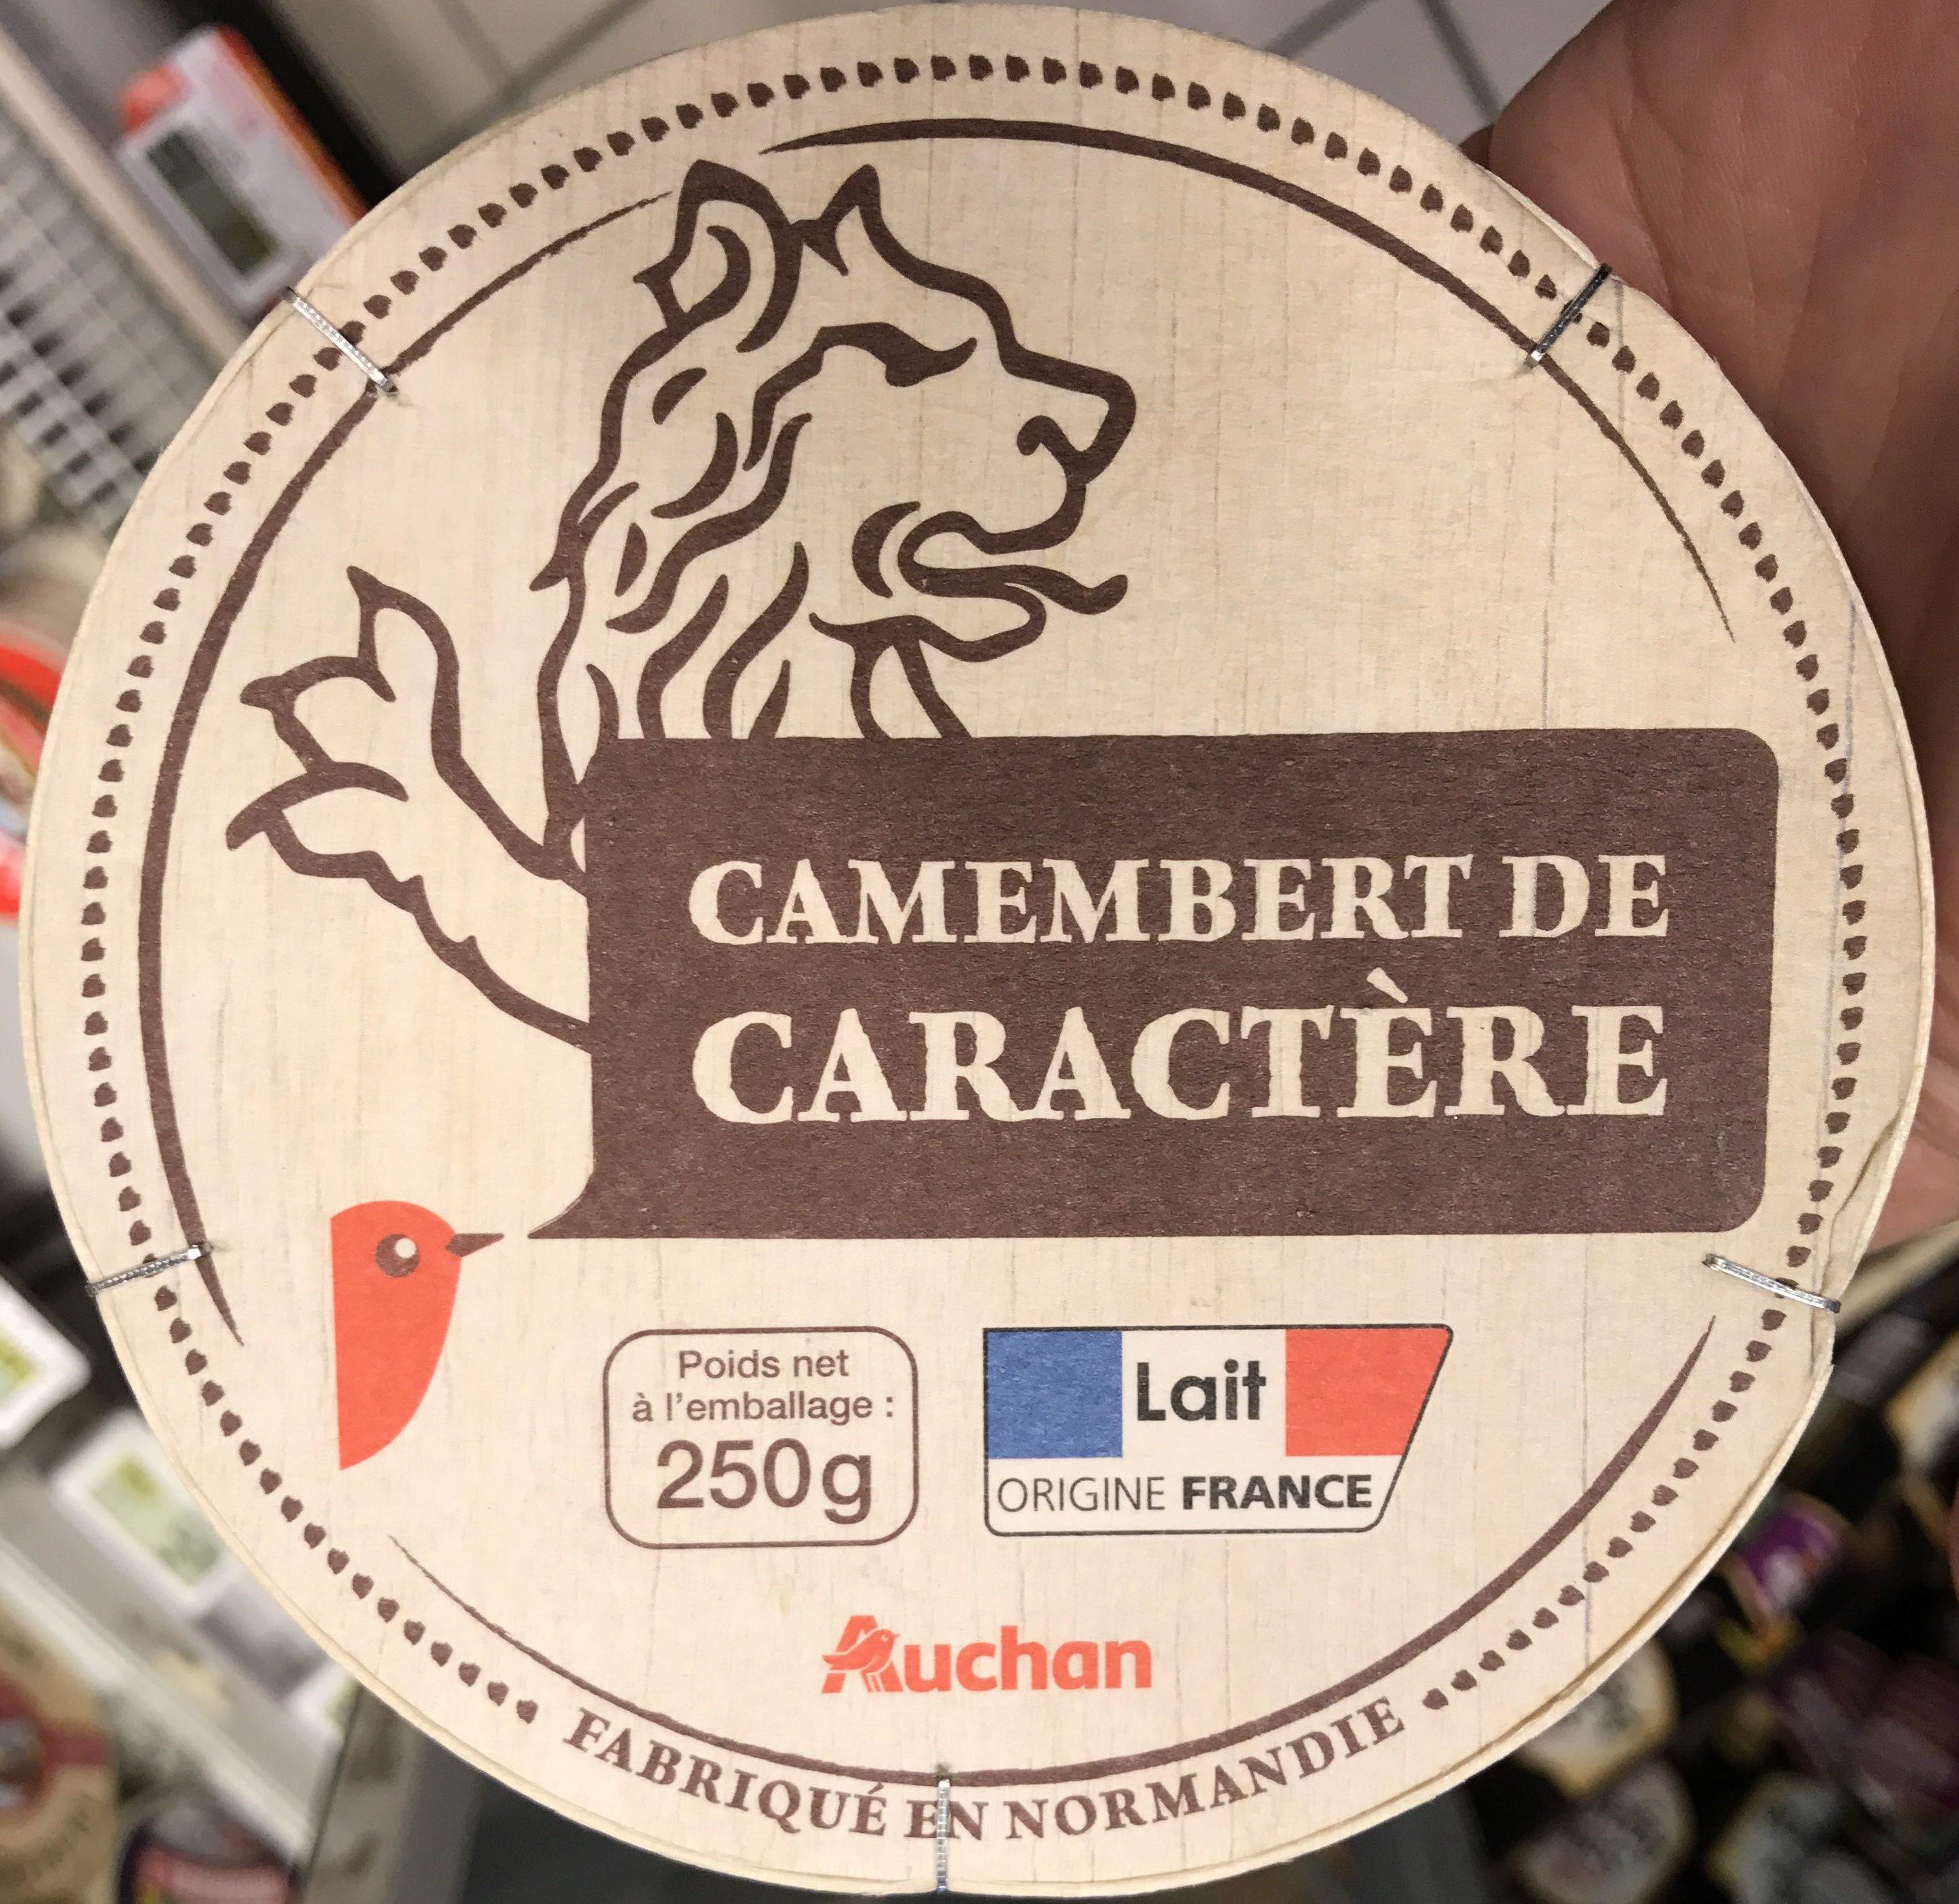 Camembert de caractère - Produit - fr